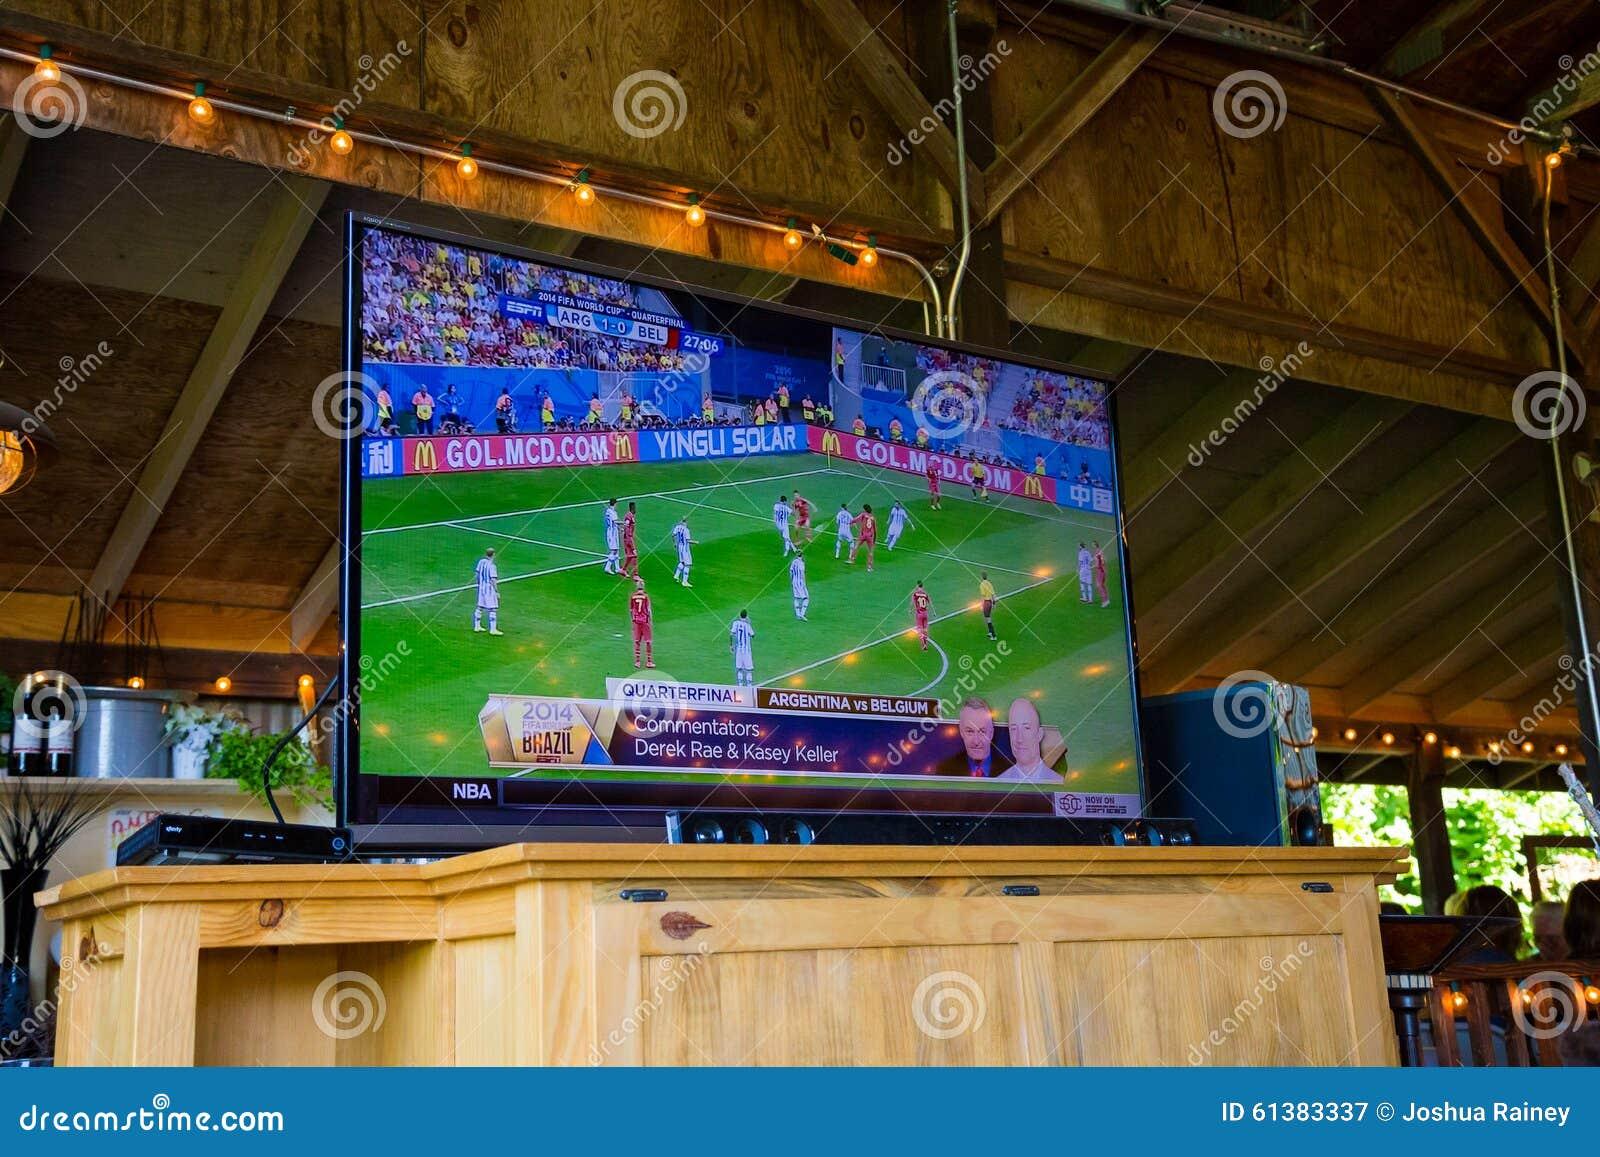 World Cup 2014 Brazil Quarterfinal